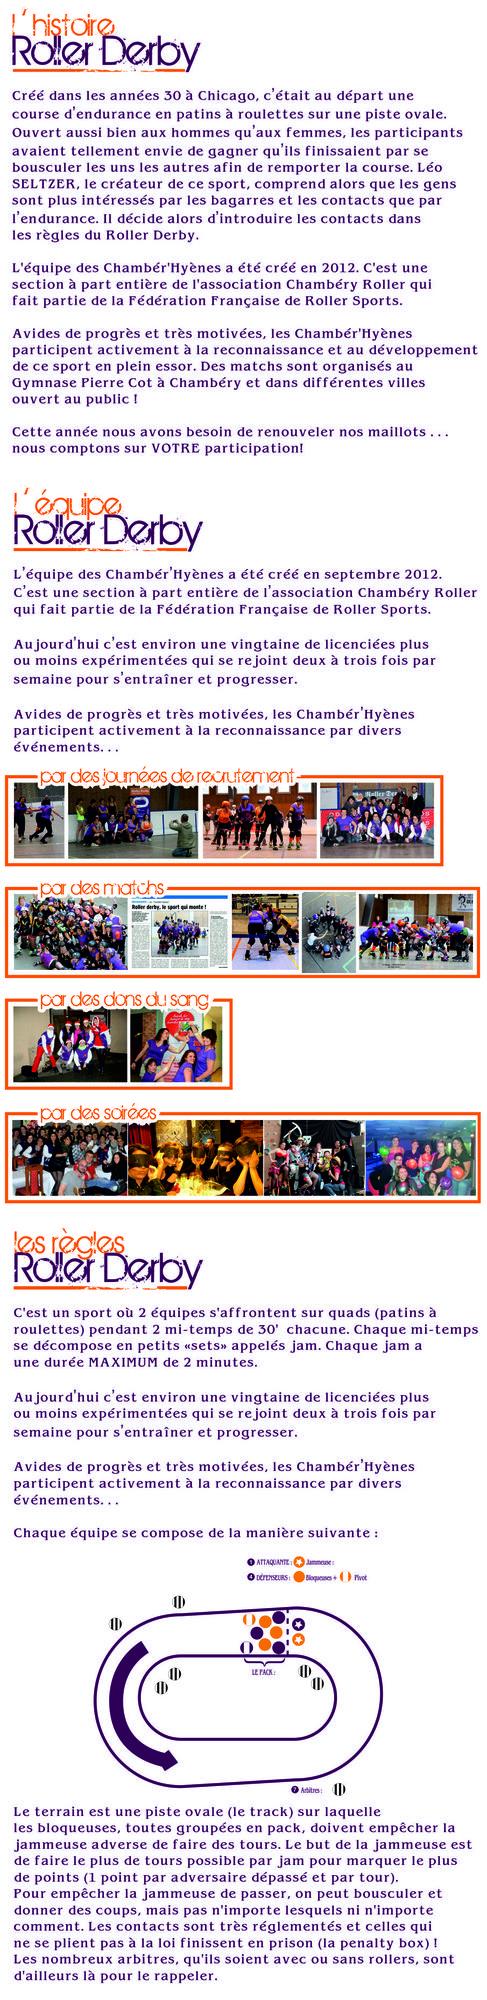 L_histoire_roller_derby_ensemble_petit2-1452026222